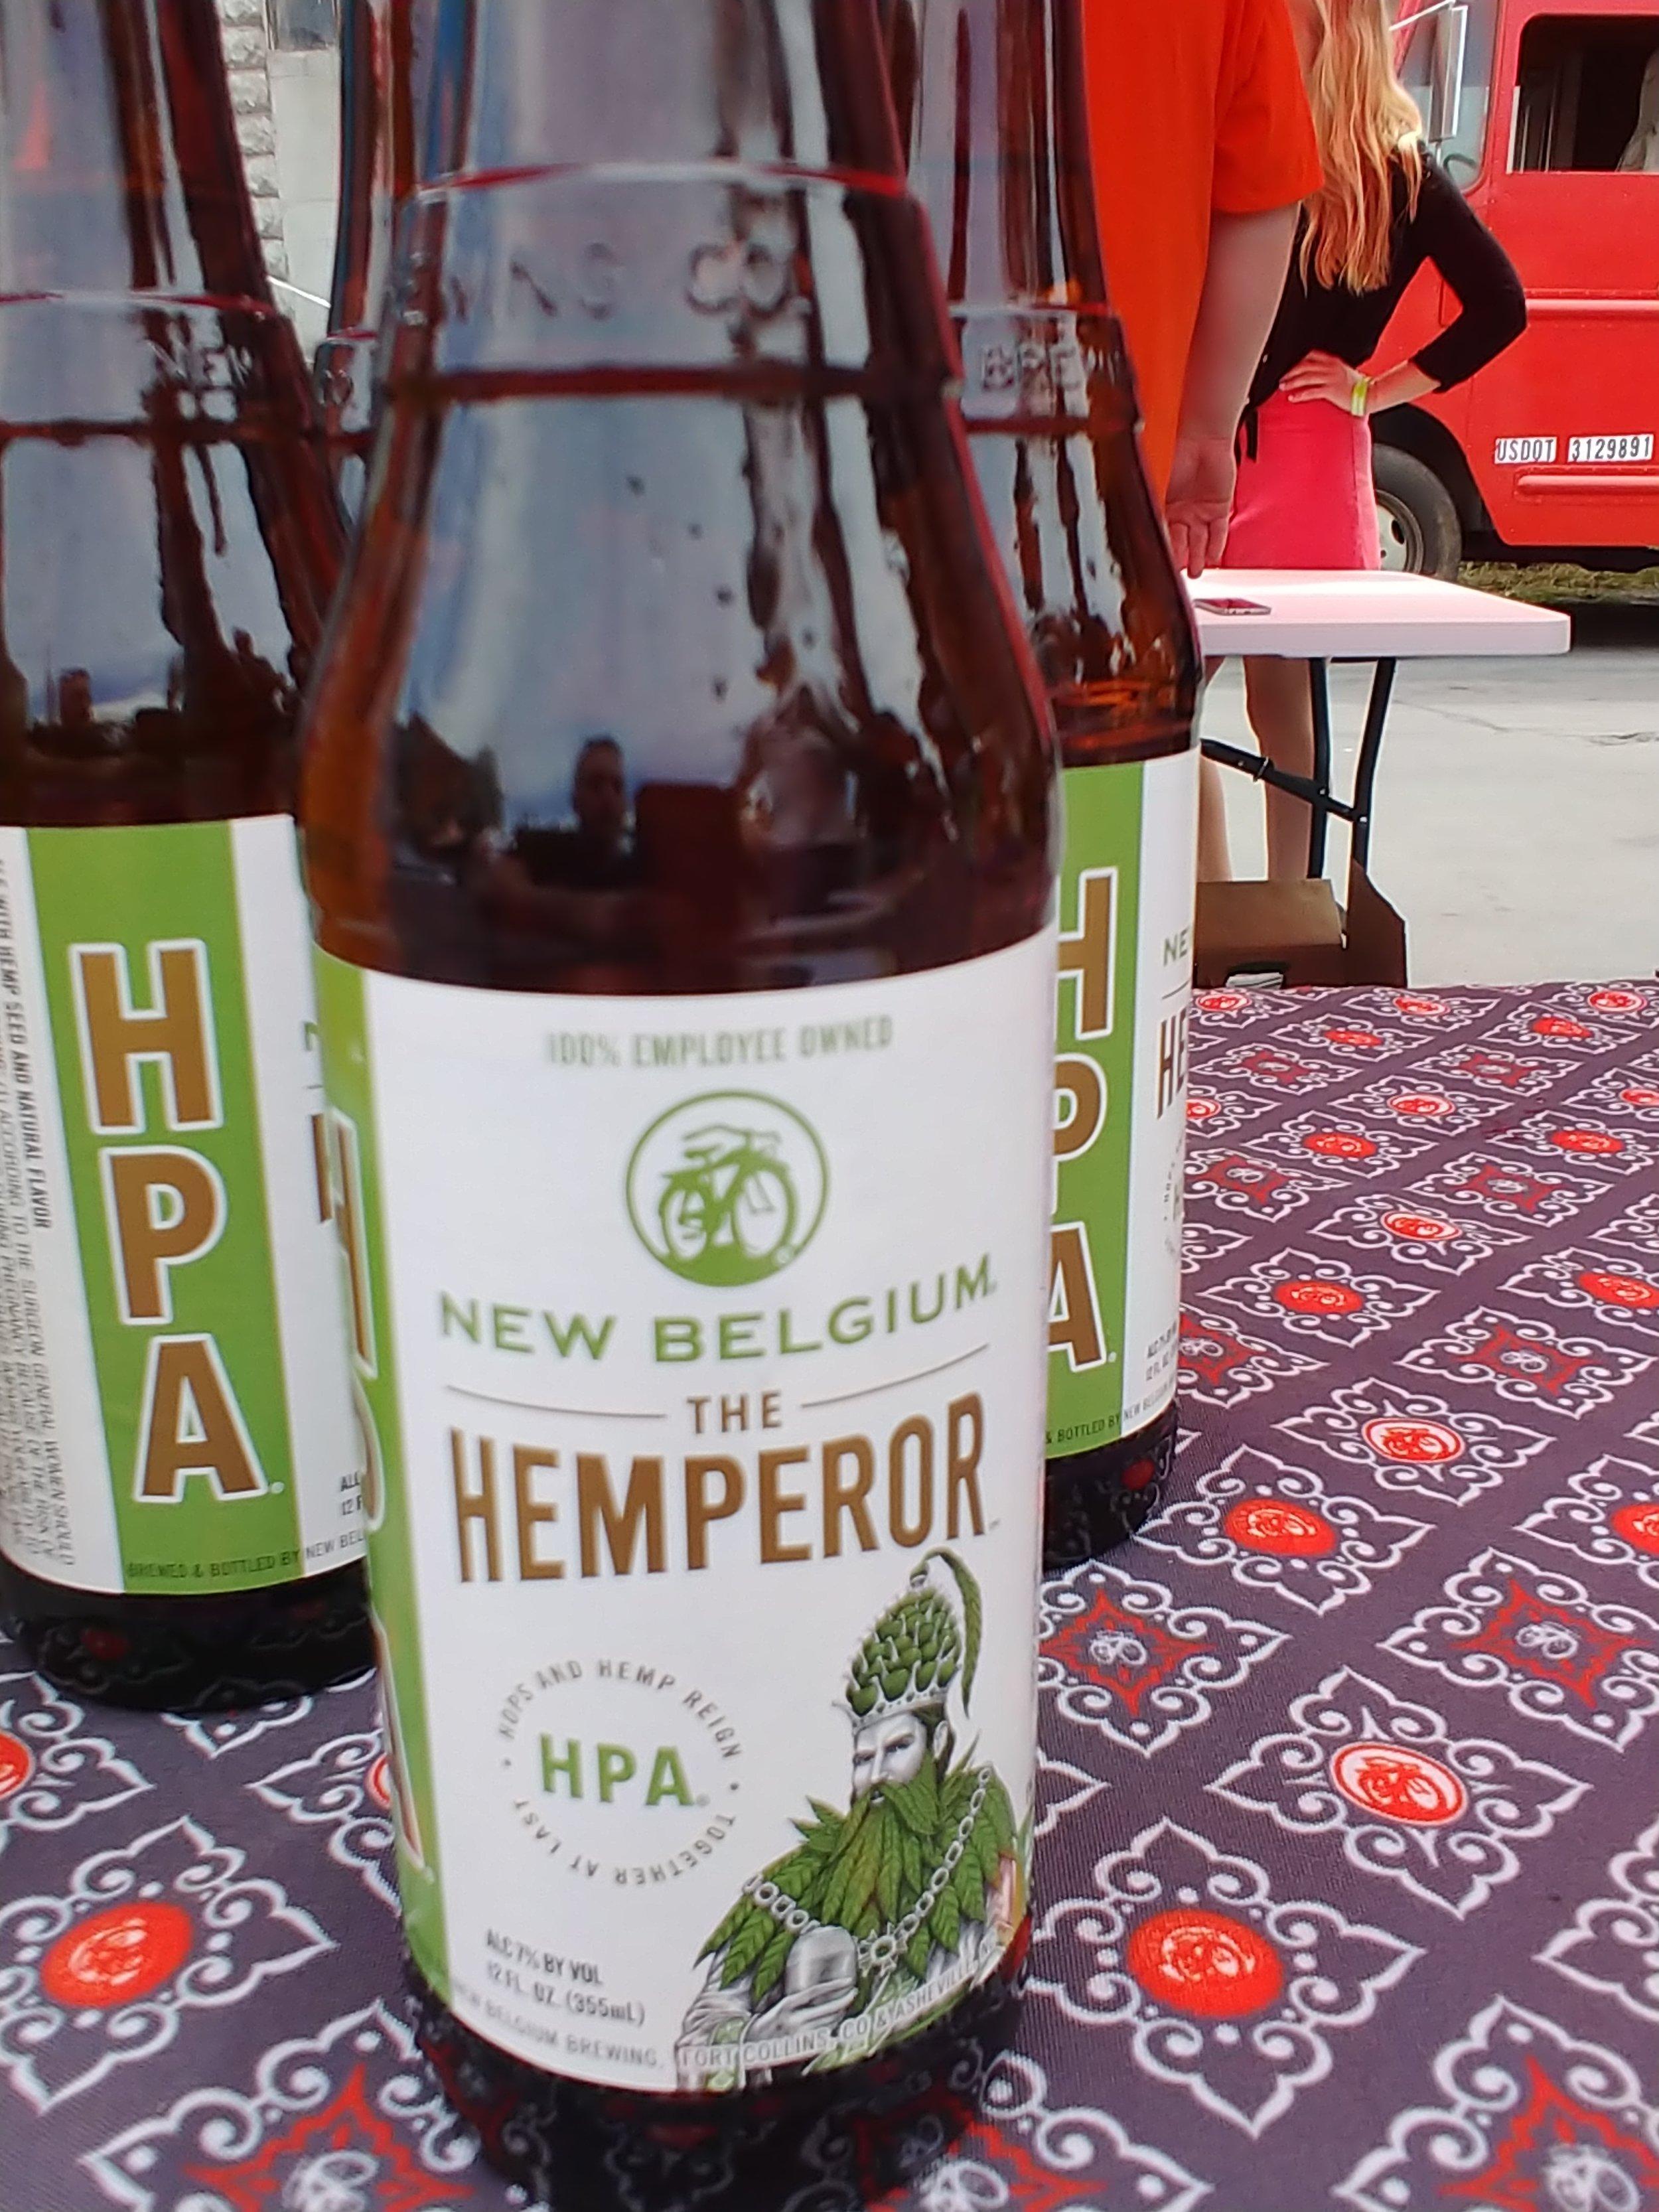 New Belgium Hemperor